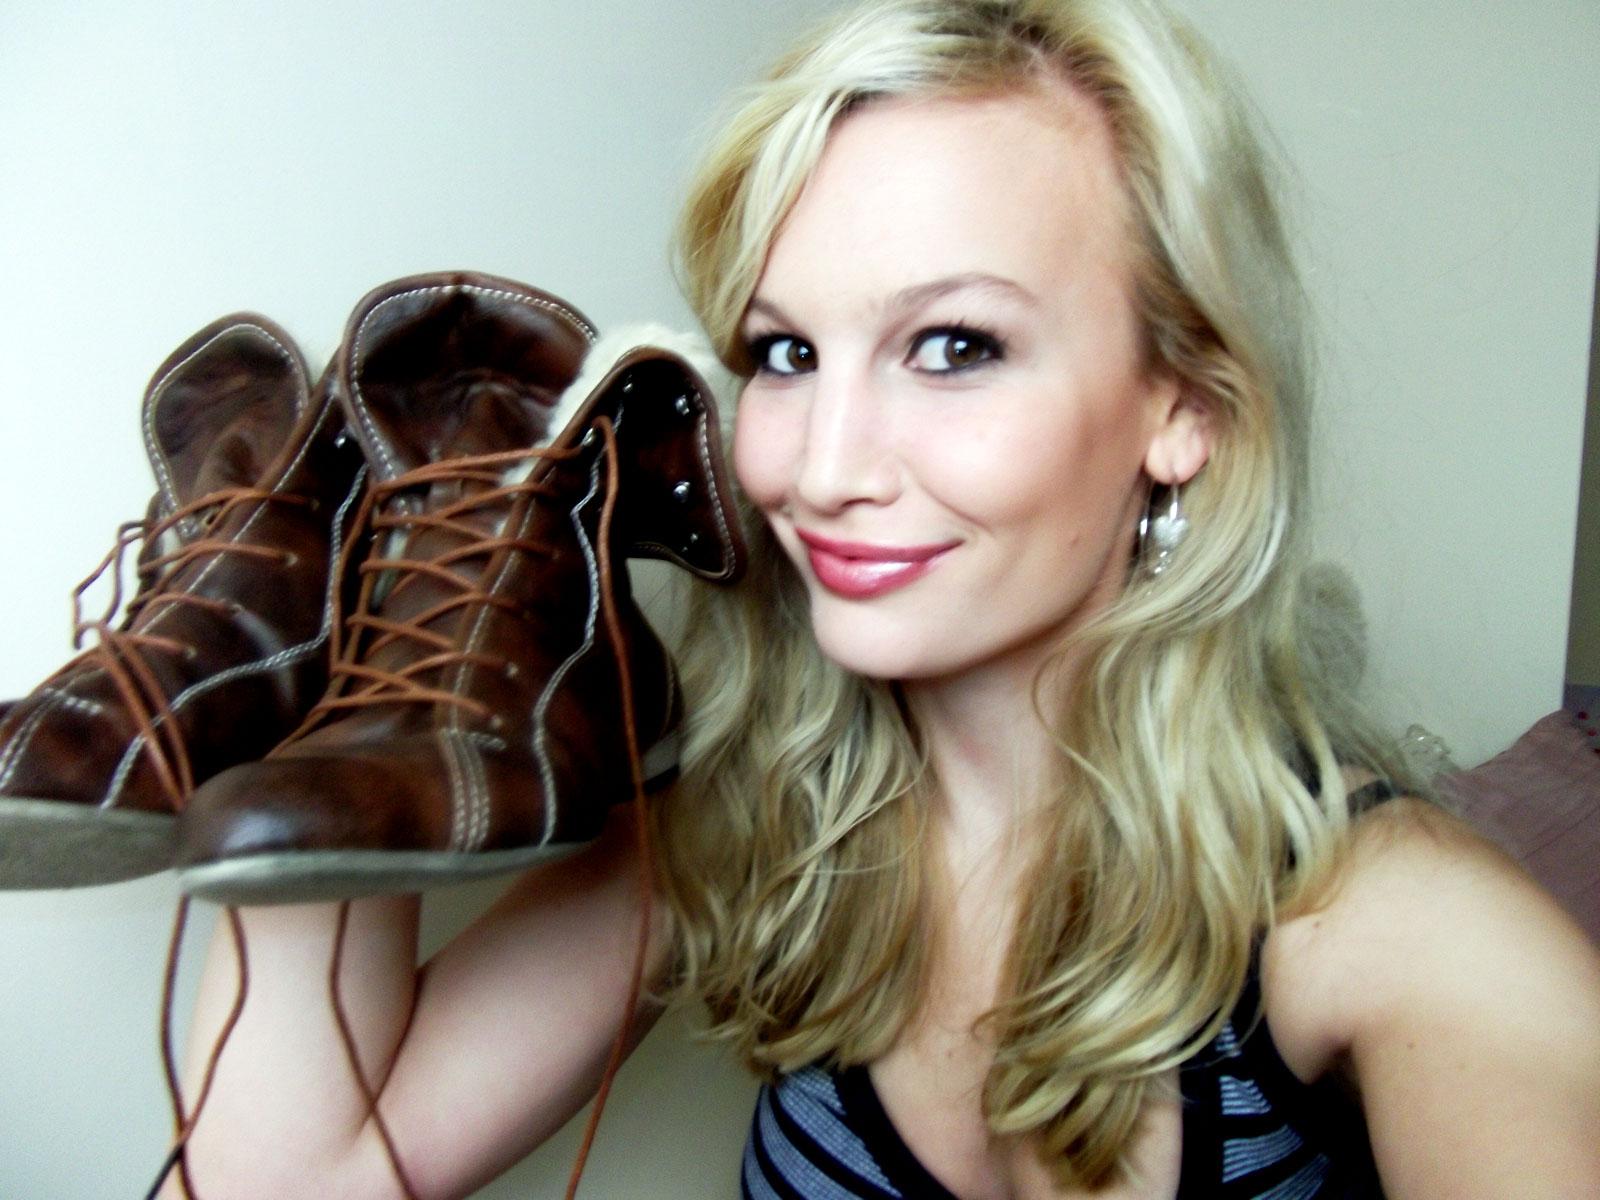 http://3.bp.blogspot.com/_NwQtJRkWjdo/TP2IazNOZ_I/AAAAAAAAGW0/KWqlHBmFr-U/s1600/Anna-Saccone-New-Boots.jpg